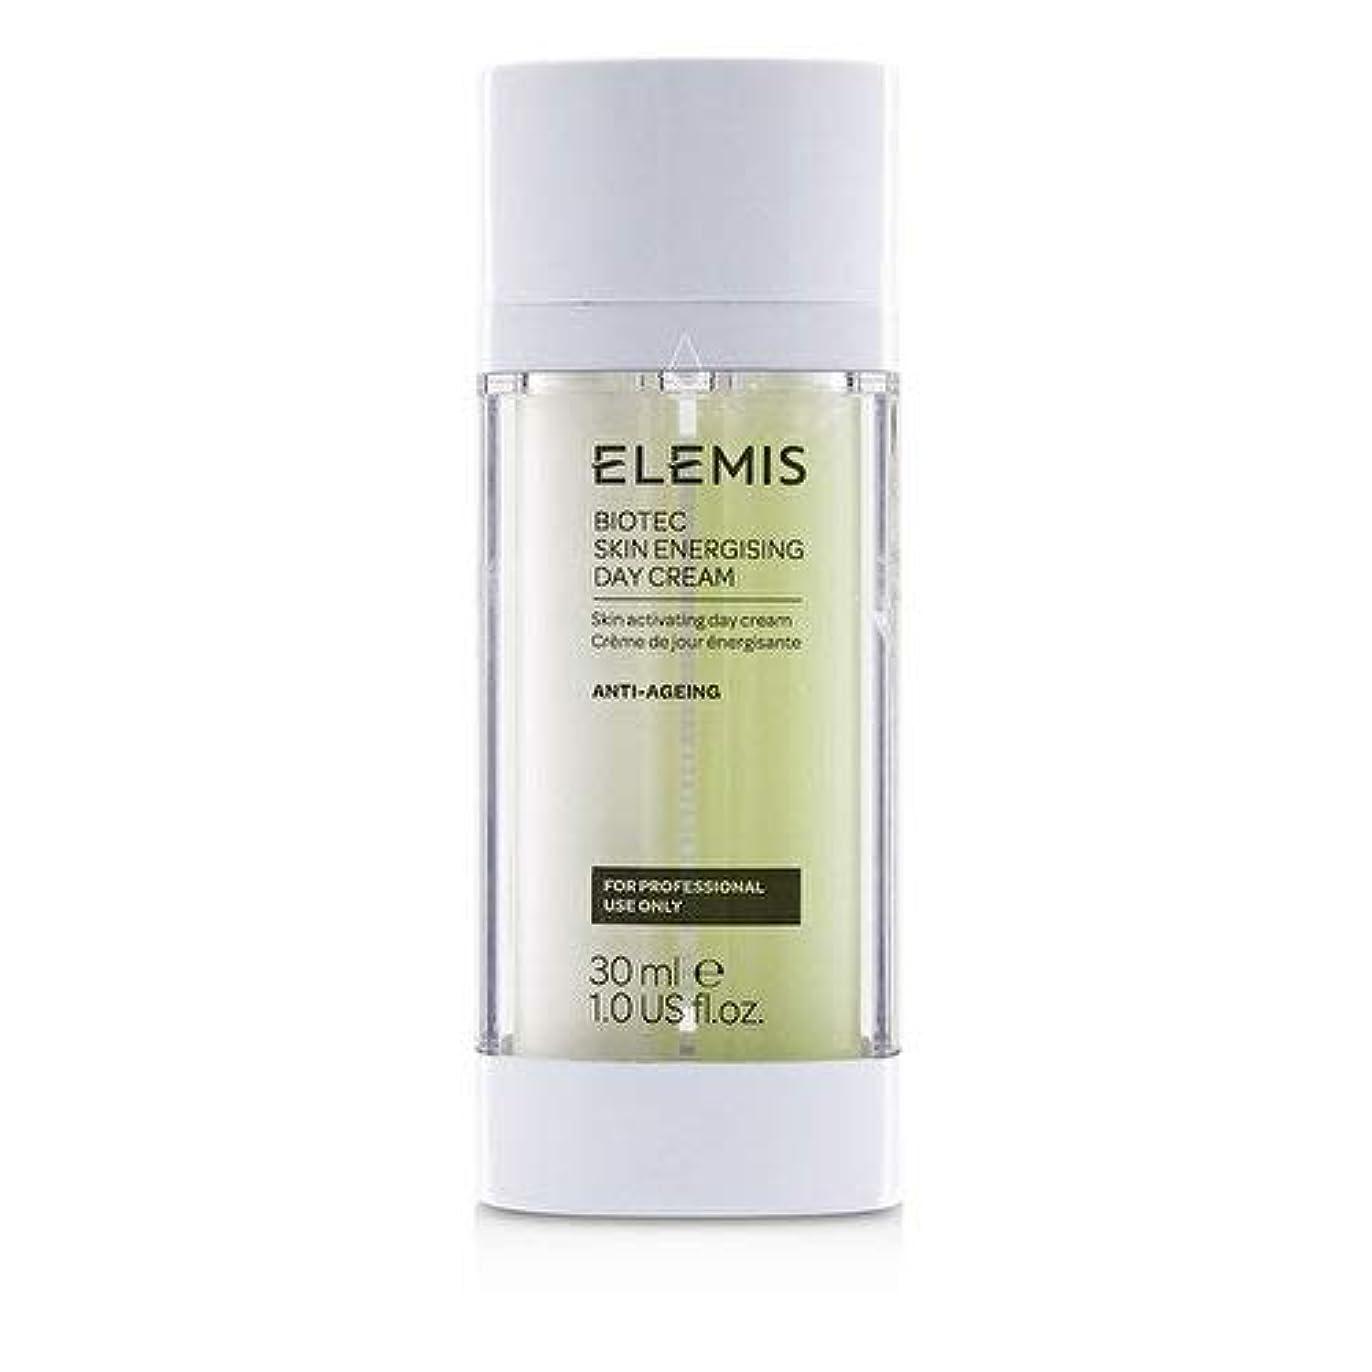 適度なあなたのものメルボルンエレミス BIOTEC Skin Energising Day Cream (Salon Product) 30ml/1oz並行輸入品